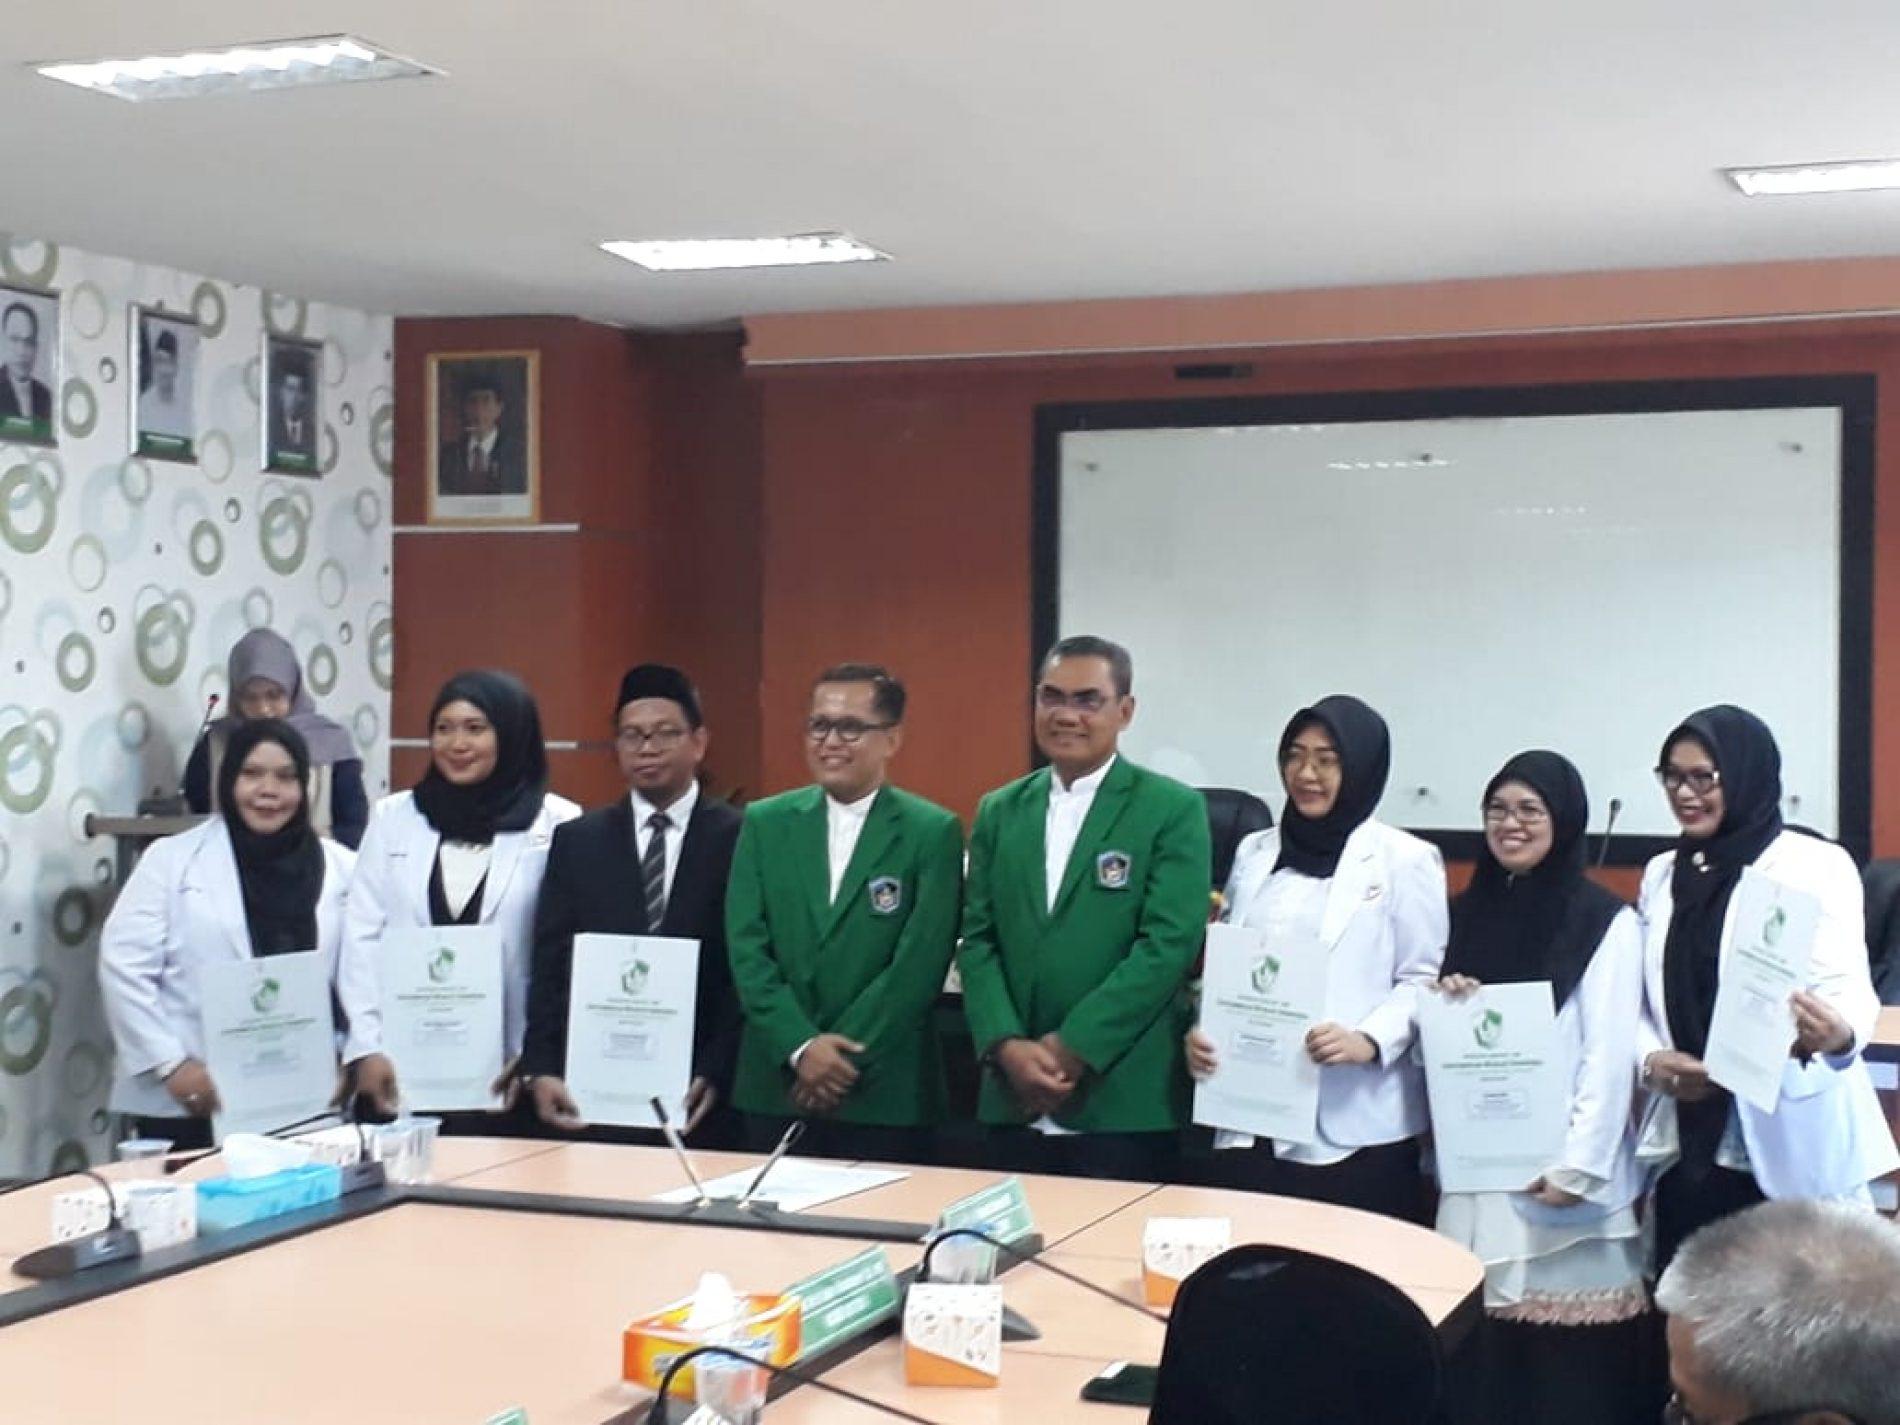 Pelantikan Wakil Dekan dan Kaprodi Fakultas Kedokteran Gigi dan Direktur serta Wakil Direktur RSIGM  Universitas Muslim Indonesia